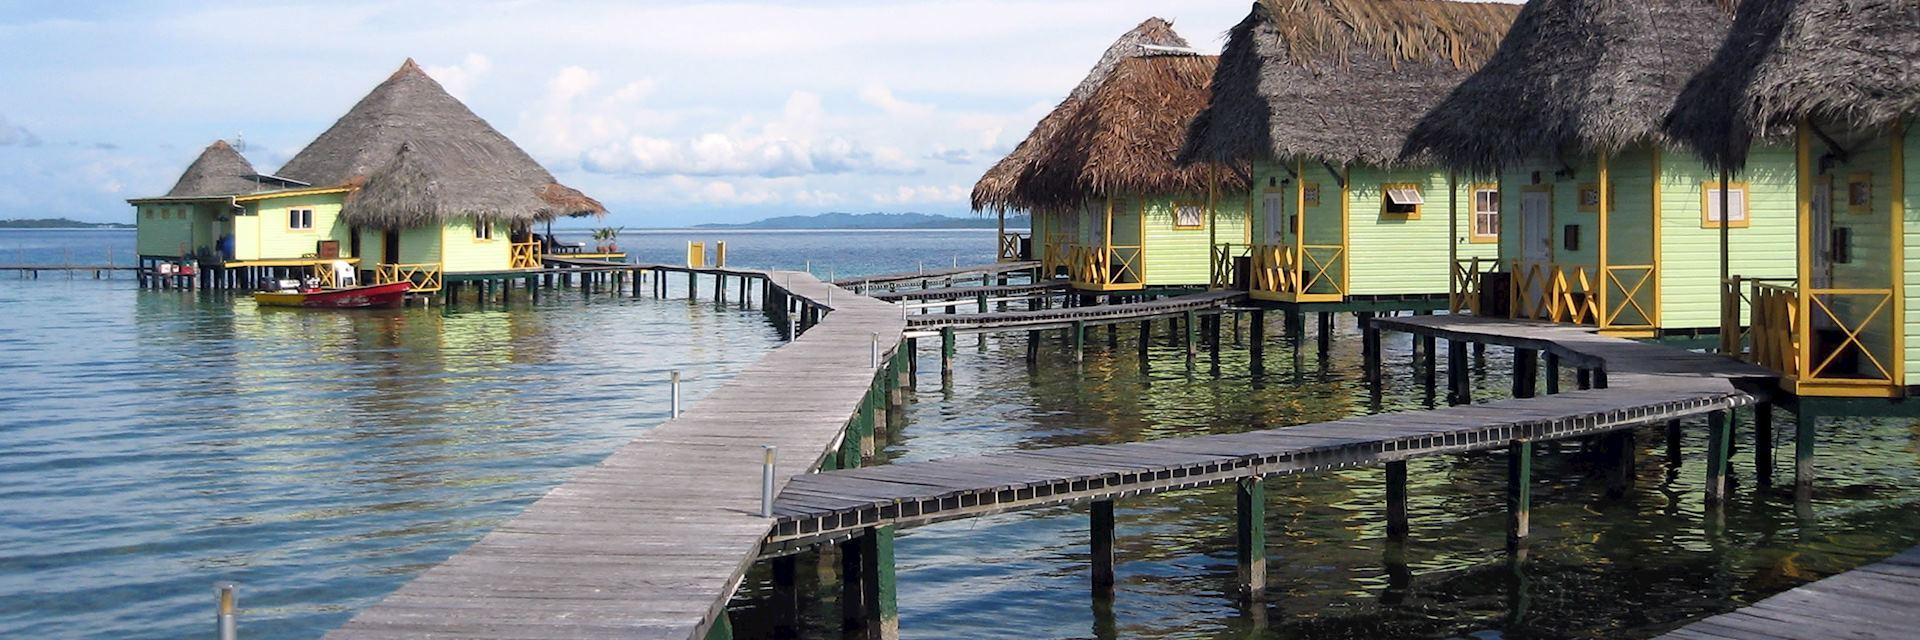 Punta Caracol, Bocas del Toro